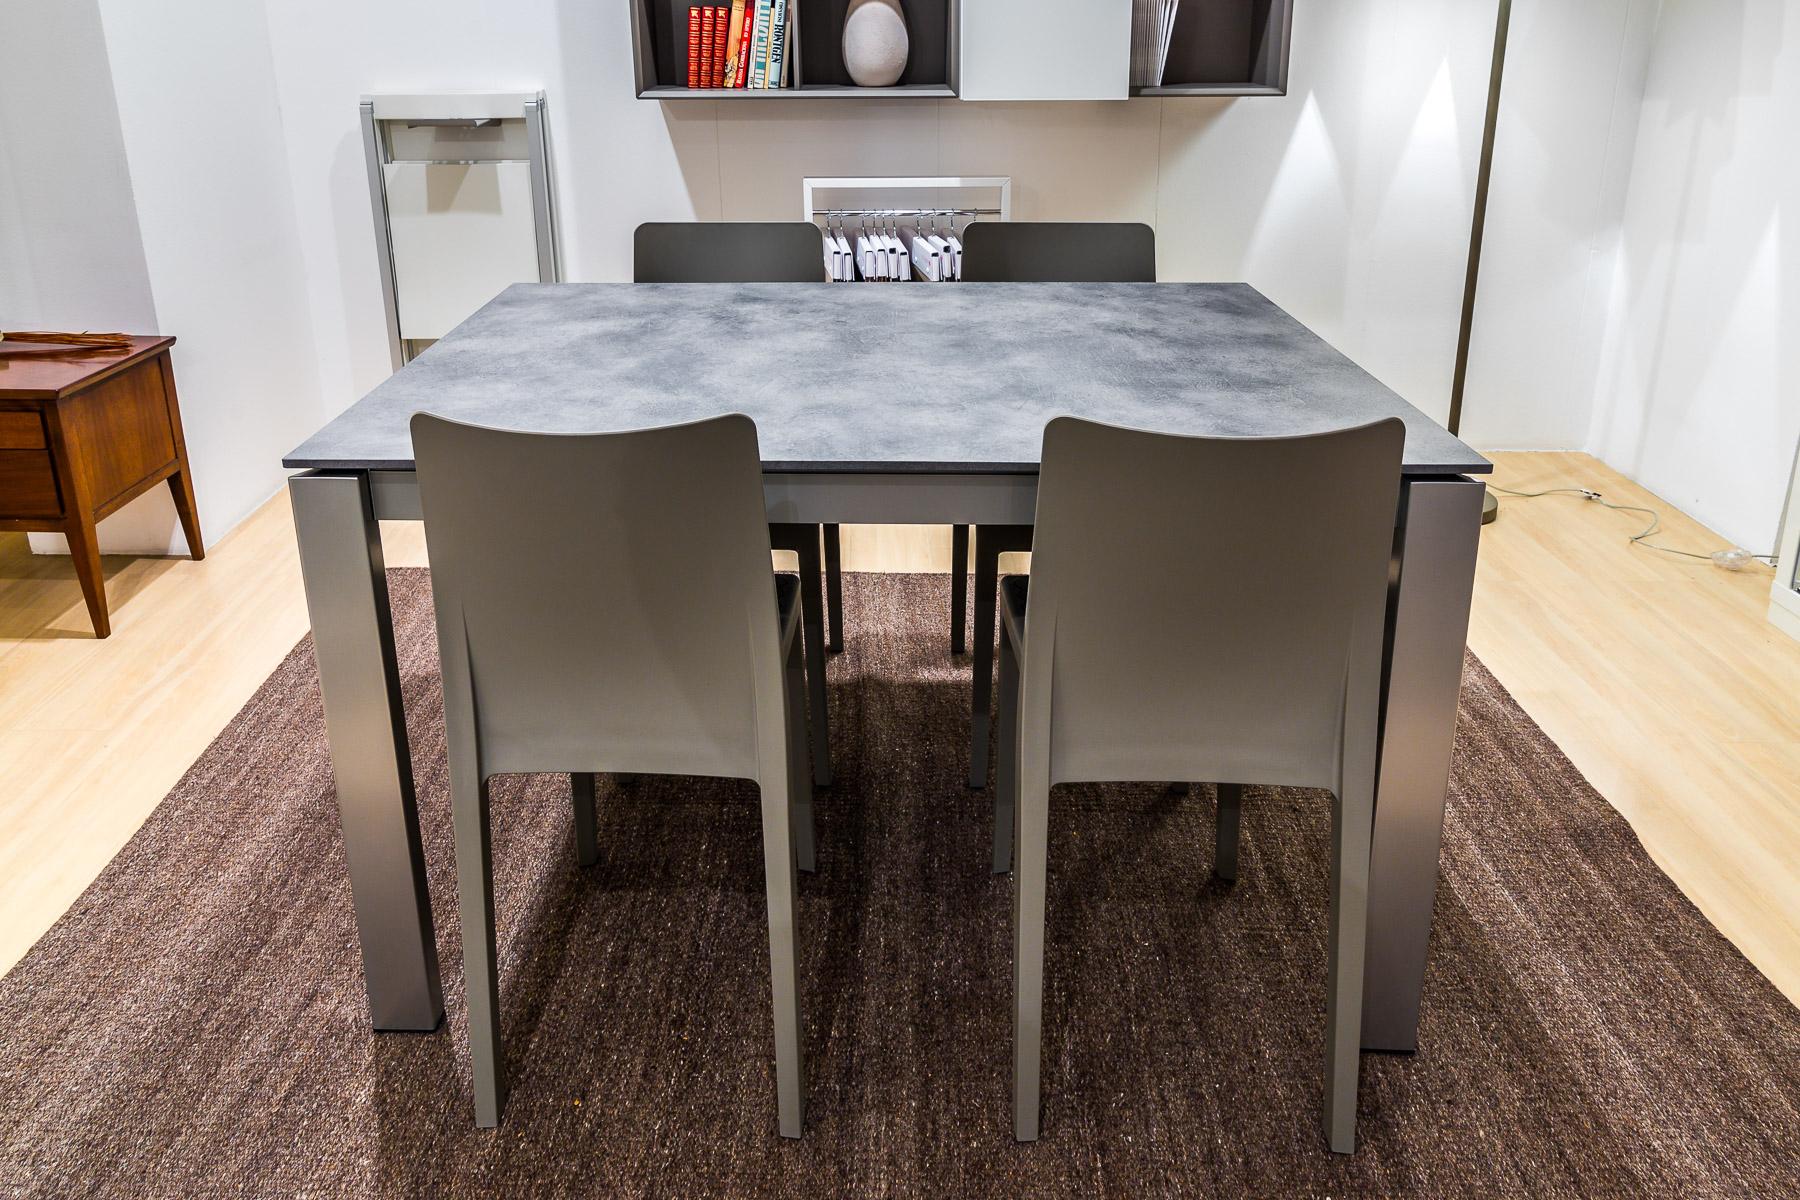 Calligaris tavolo duca 4 sedie ms4 vallatinnocenti for Offerte tavoli calligaris